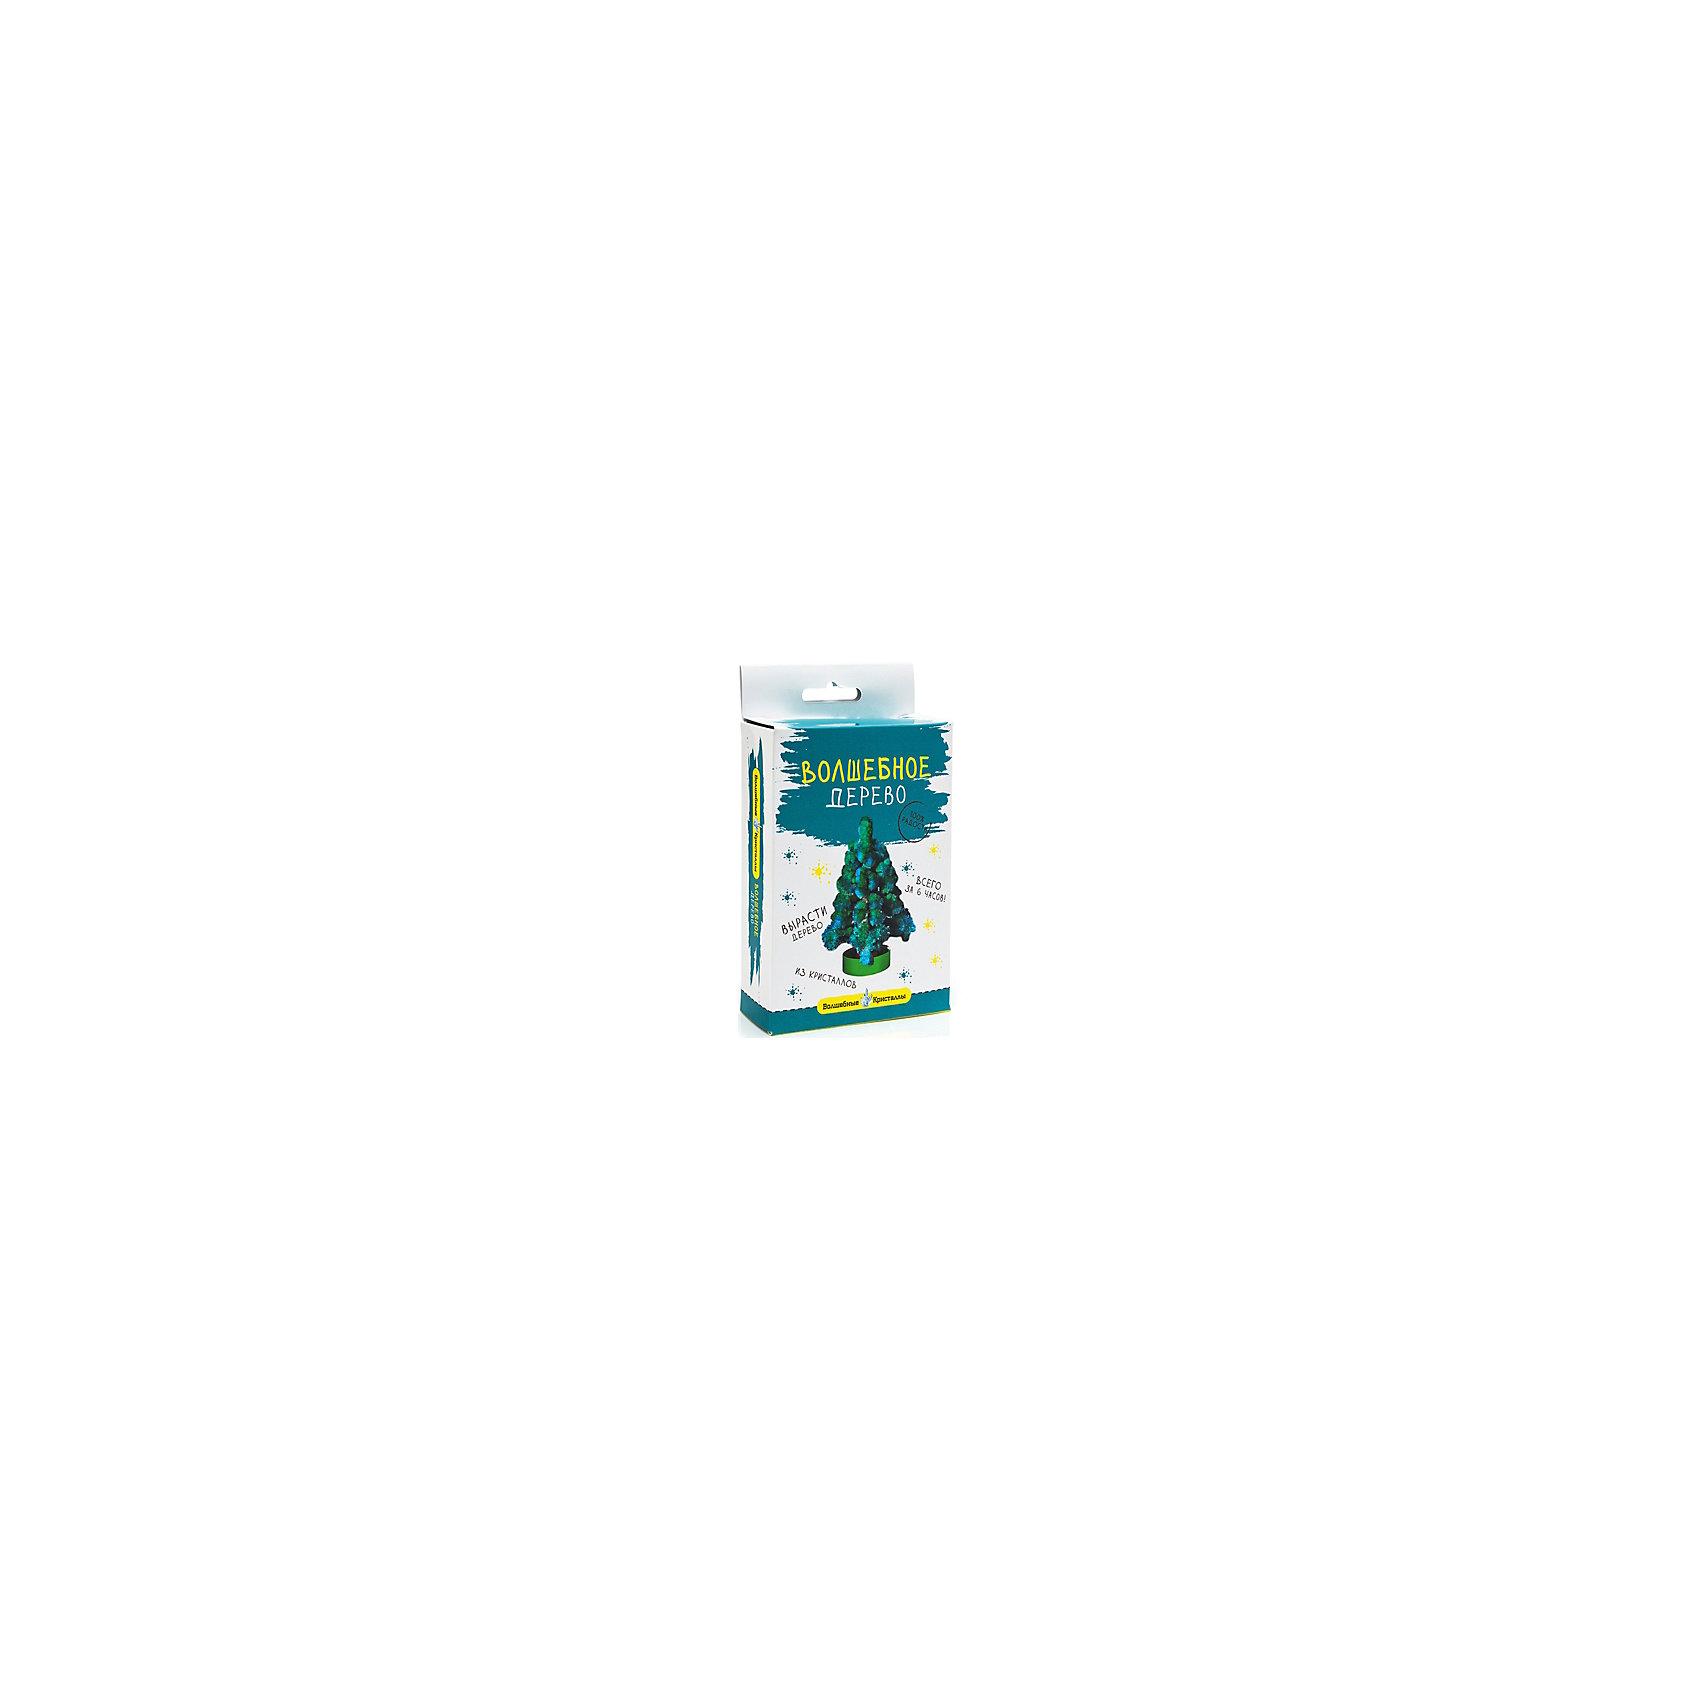 Волшебные кристаллы Синяя елочкаВолшебные кристаллы Синяя елочка, Бумбарам.<br><br>Характеристики:<br><br>• подходит для первых химических опытов<br>• прост в применении<br>• яркий цвет<br>• развивает внимательность и усидчивость<br>• в комплекте: основа, подставка, пакетик с реактивом, инструкция<br>• размер: 3х10х17 см<br>• вес: 50 грамм<br>• готовую поделку рекомендуется покрыть лаком для волос<br><br>Что делать если хочется украсить комнату красивой ёлочкой? Конечно же, вырастить яркое дерево из волшебных кристаллов! Набор Синяя ёлочка поможет вам справиться с этой задачей. Он очень прост в использовании: достаточно лишь установить картонную основу на подставку и добавить специальный раствор. Всего через 6 часов перед вашими глазами предстанет яркая пушистая елочка, которая долго будет радовать вас своей красотой!<br><br>Волшебные кристаллы Синяя елочка, Бумбарам вы можете купить в нашем интернет-магазине.<br><br>Ширина мм: 170<br>Глубина мм: 100<br>Высота мм: 30<br>Вес г: 50<br>Возраст от месяцев: 72<br>Возраст до месяцев: 144<br>Пол: Женский<br>Возраст: Детский<br>SKU: 5124692